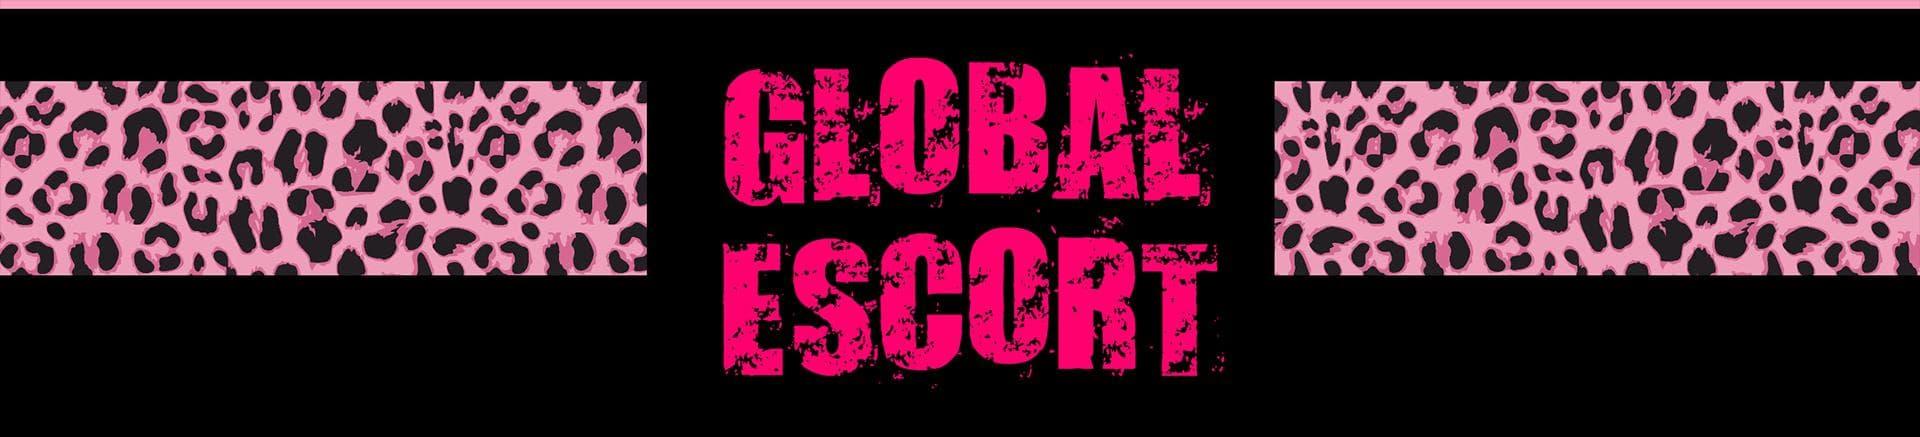 global-escort